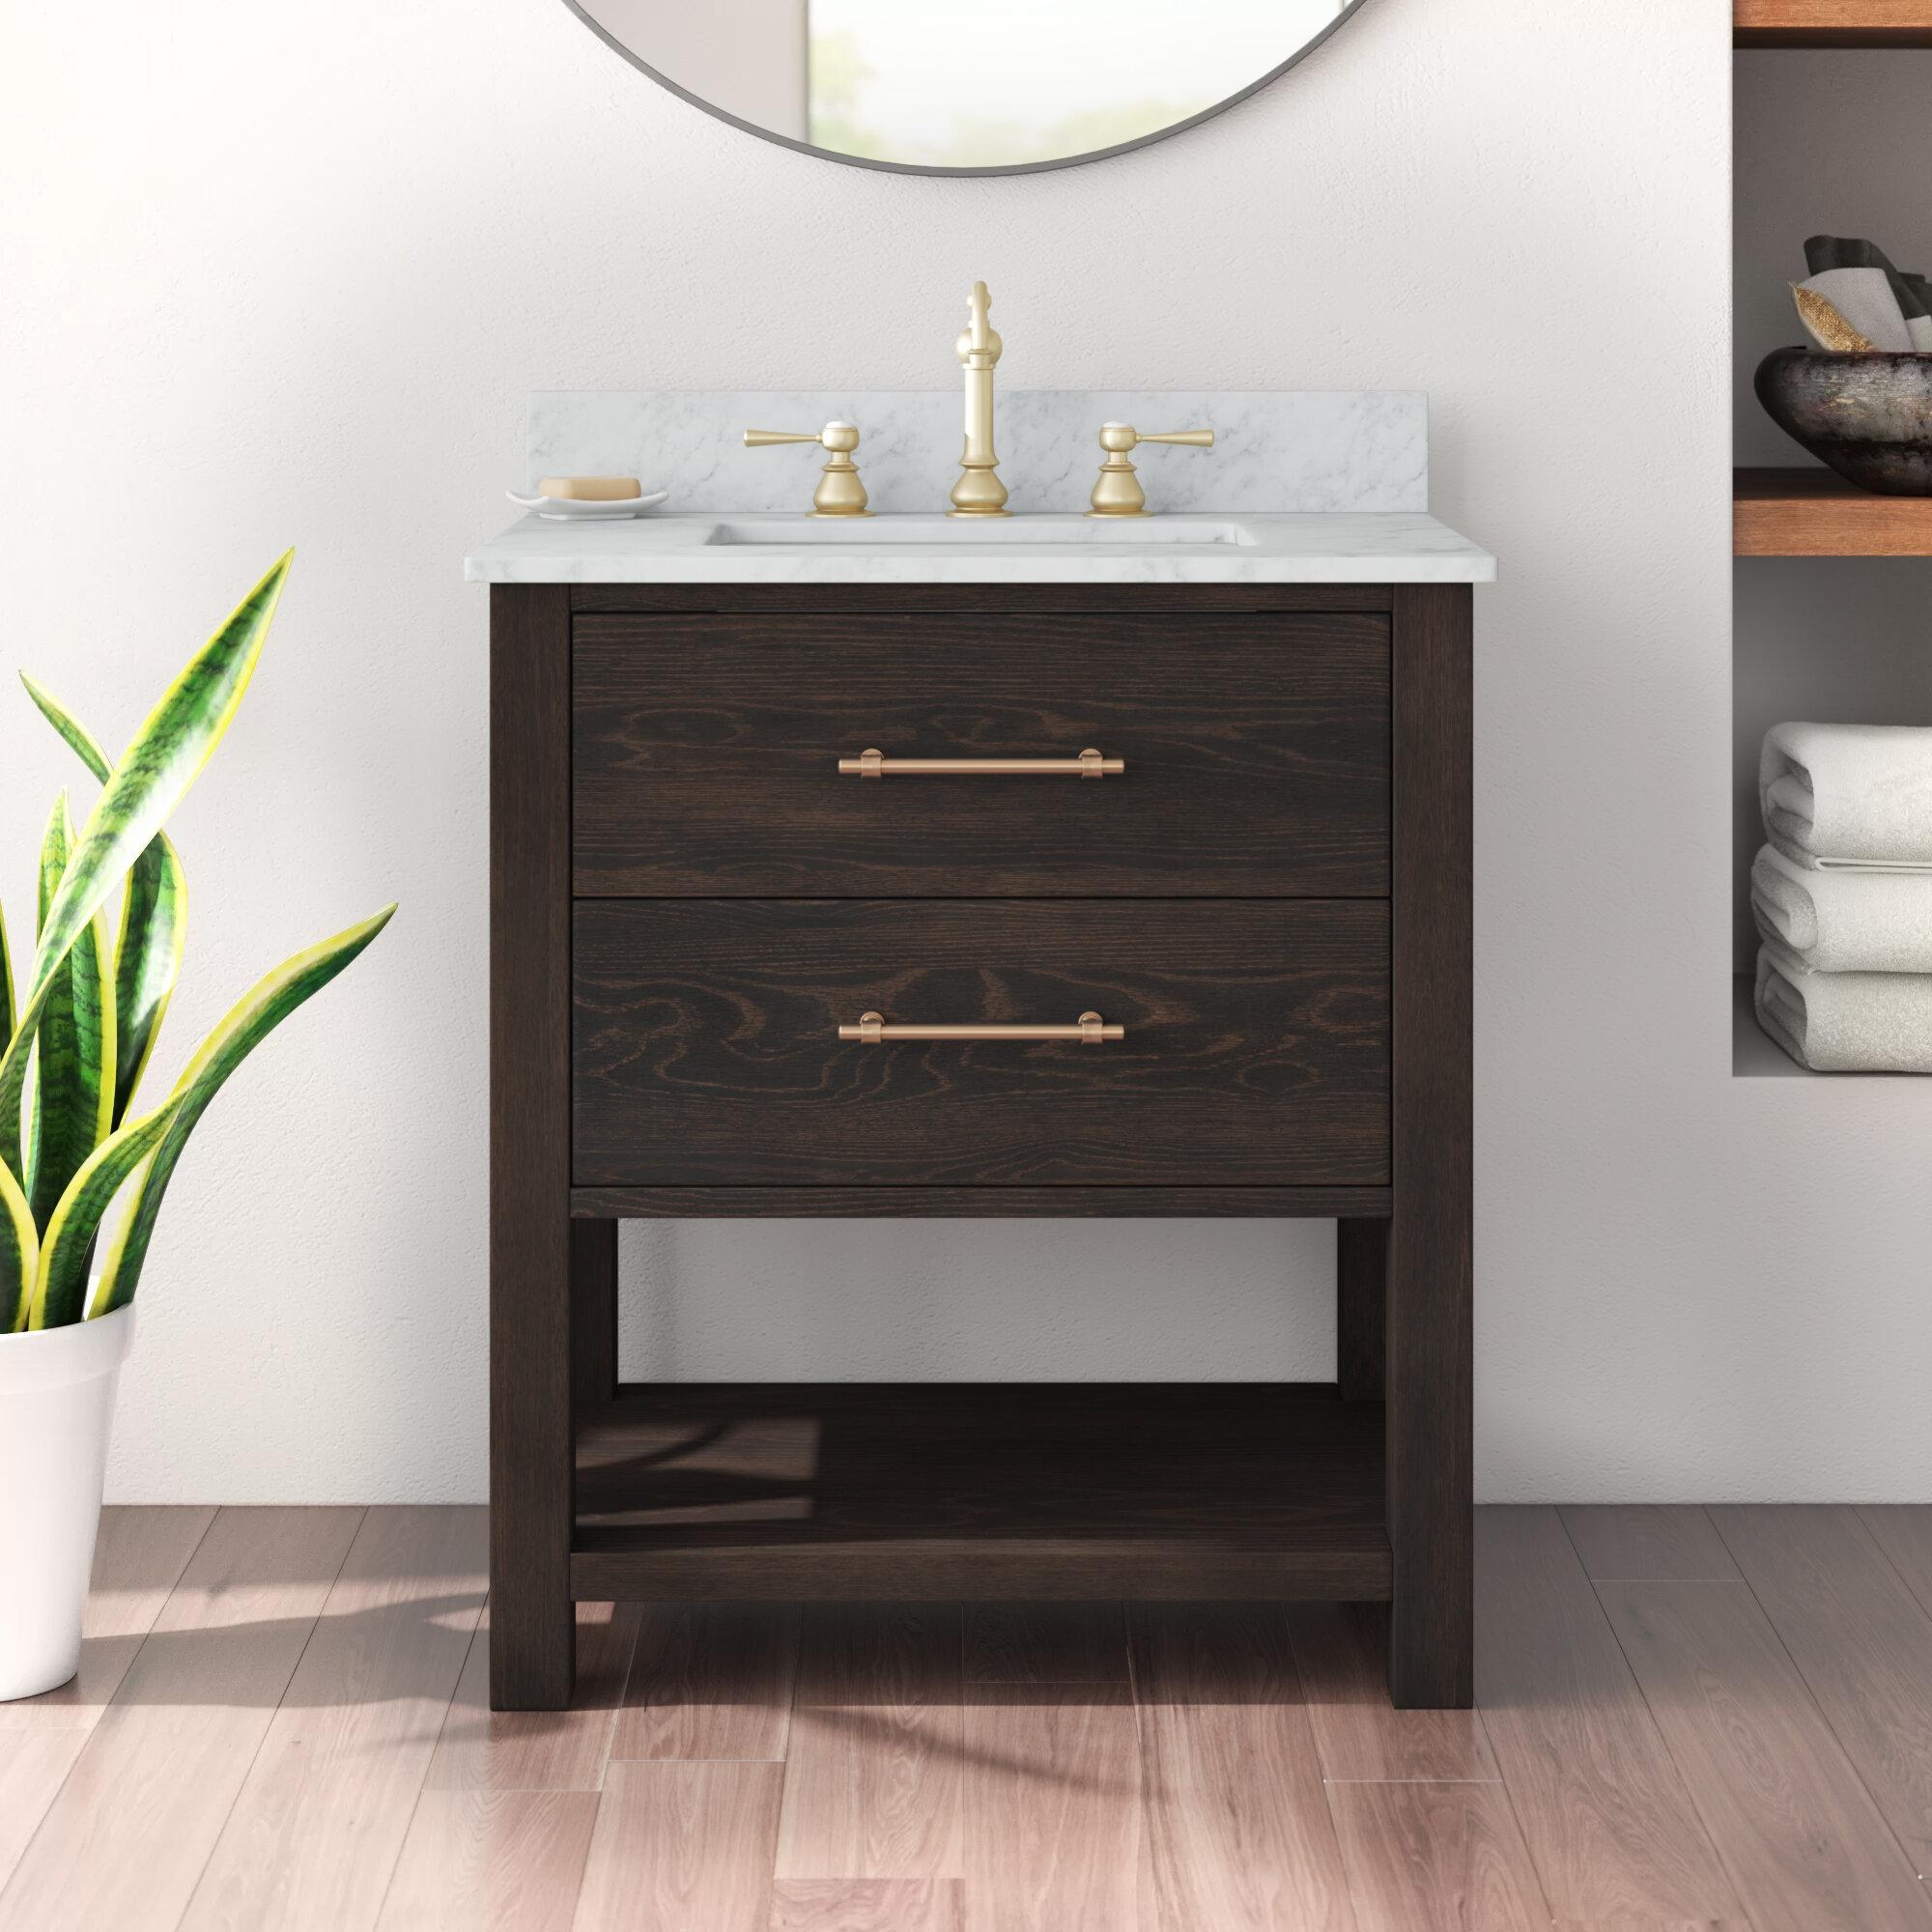 Burchette Fouke 30 Single Bathroom Vanity Set Reviews Allmodern